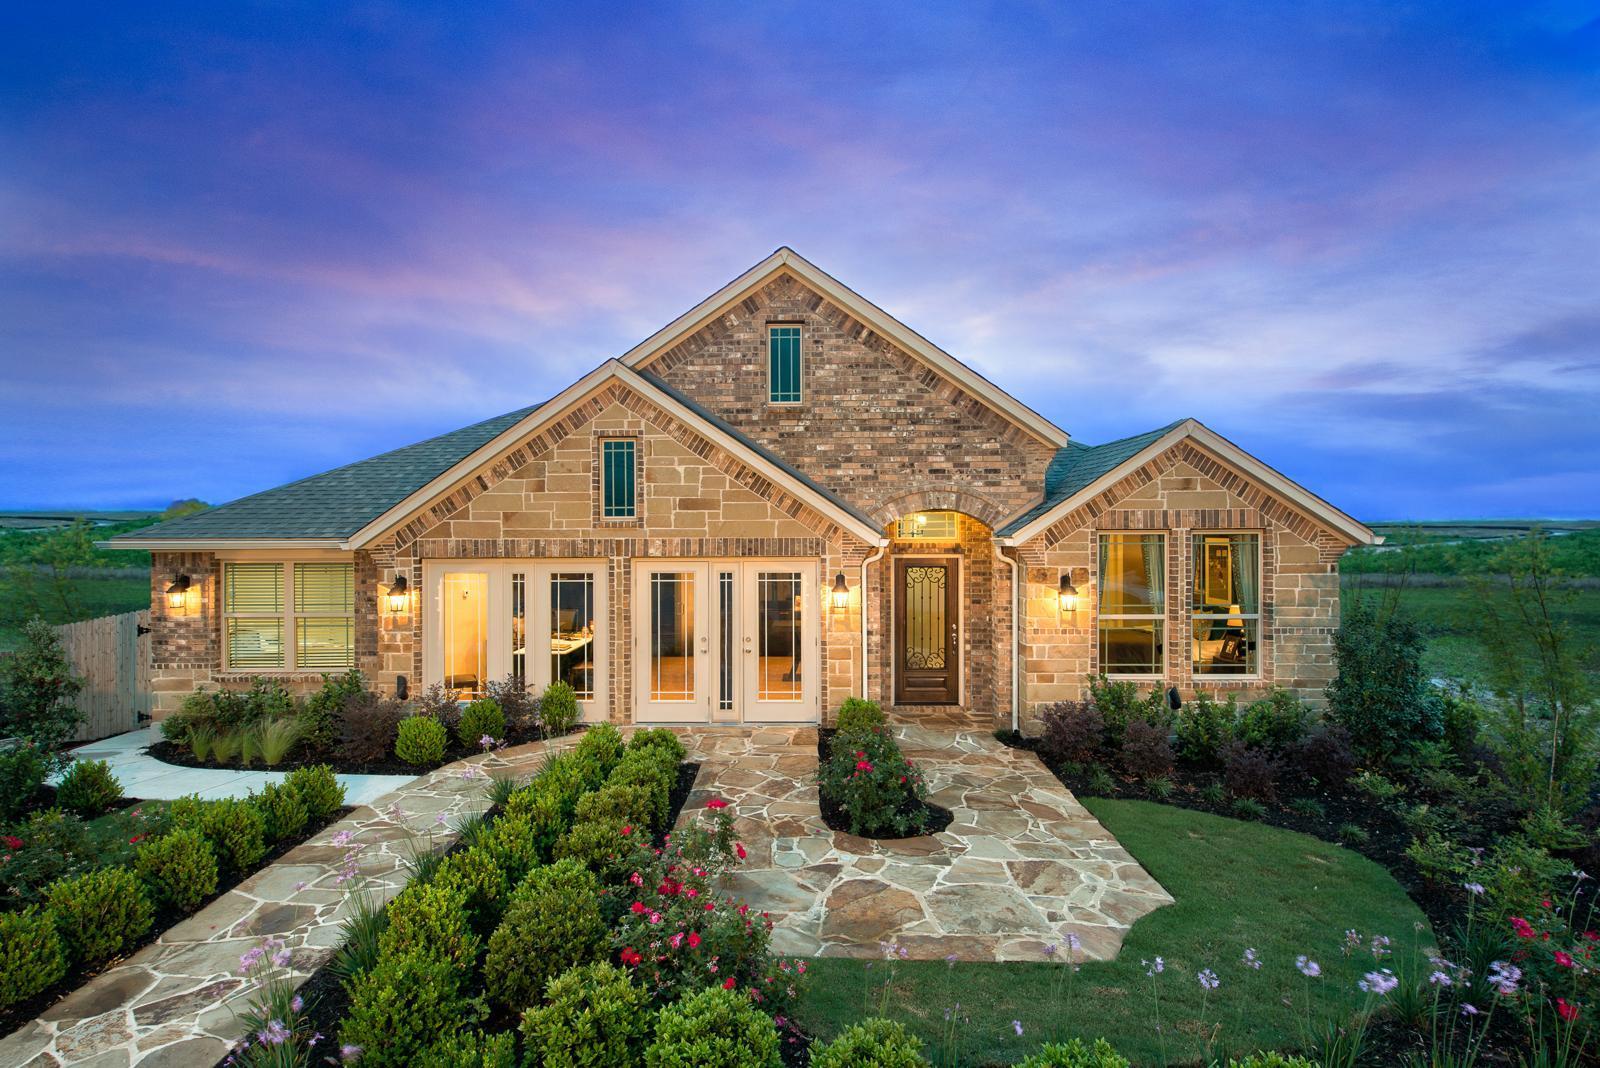 ashton woods homes san antonio tx communities u0026 homes for sale